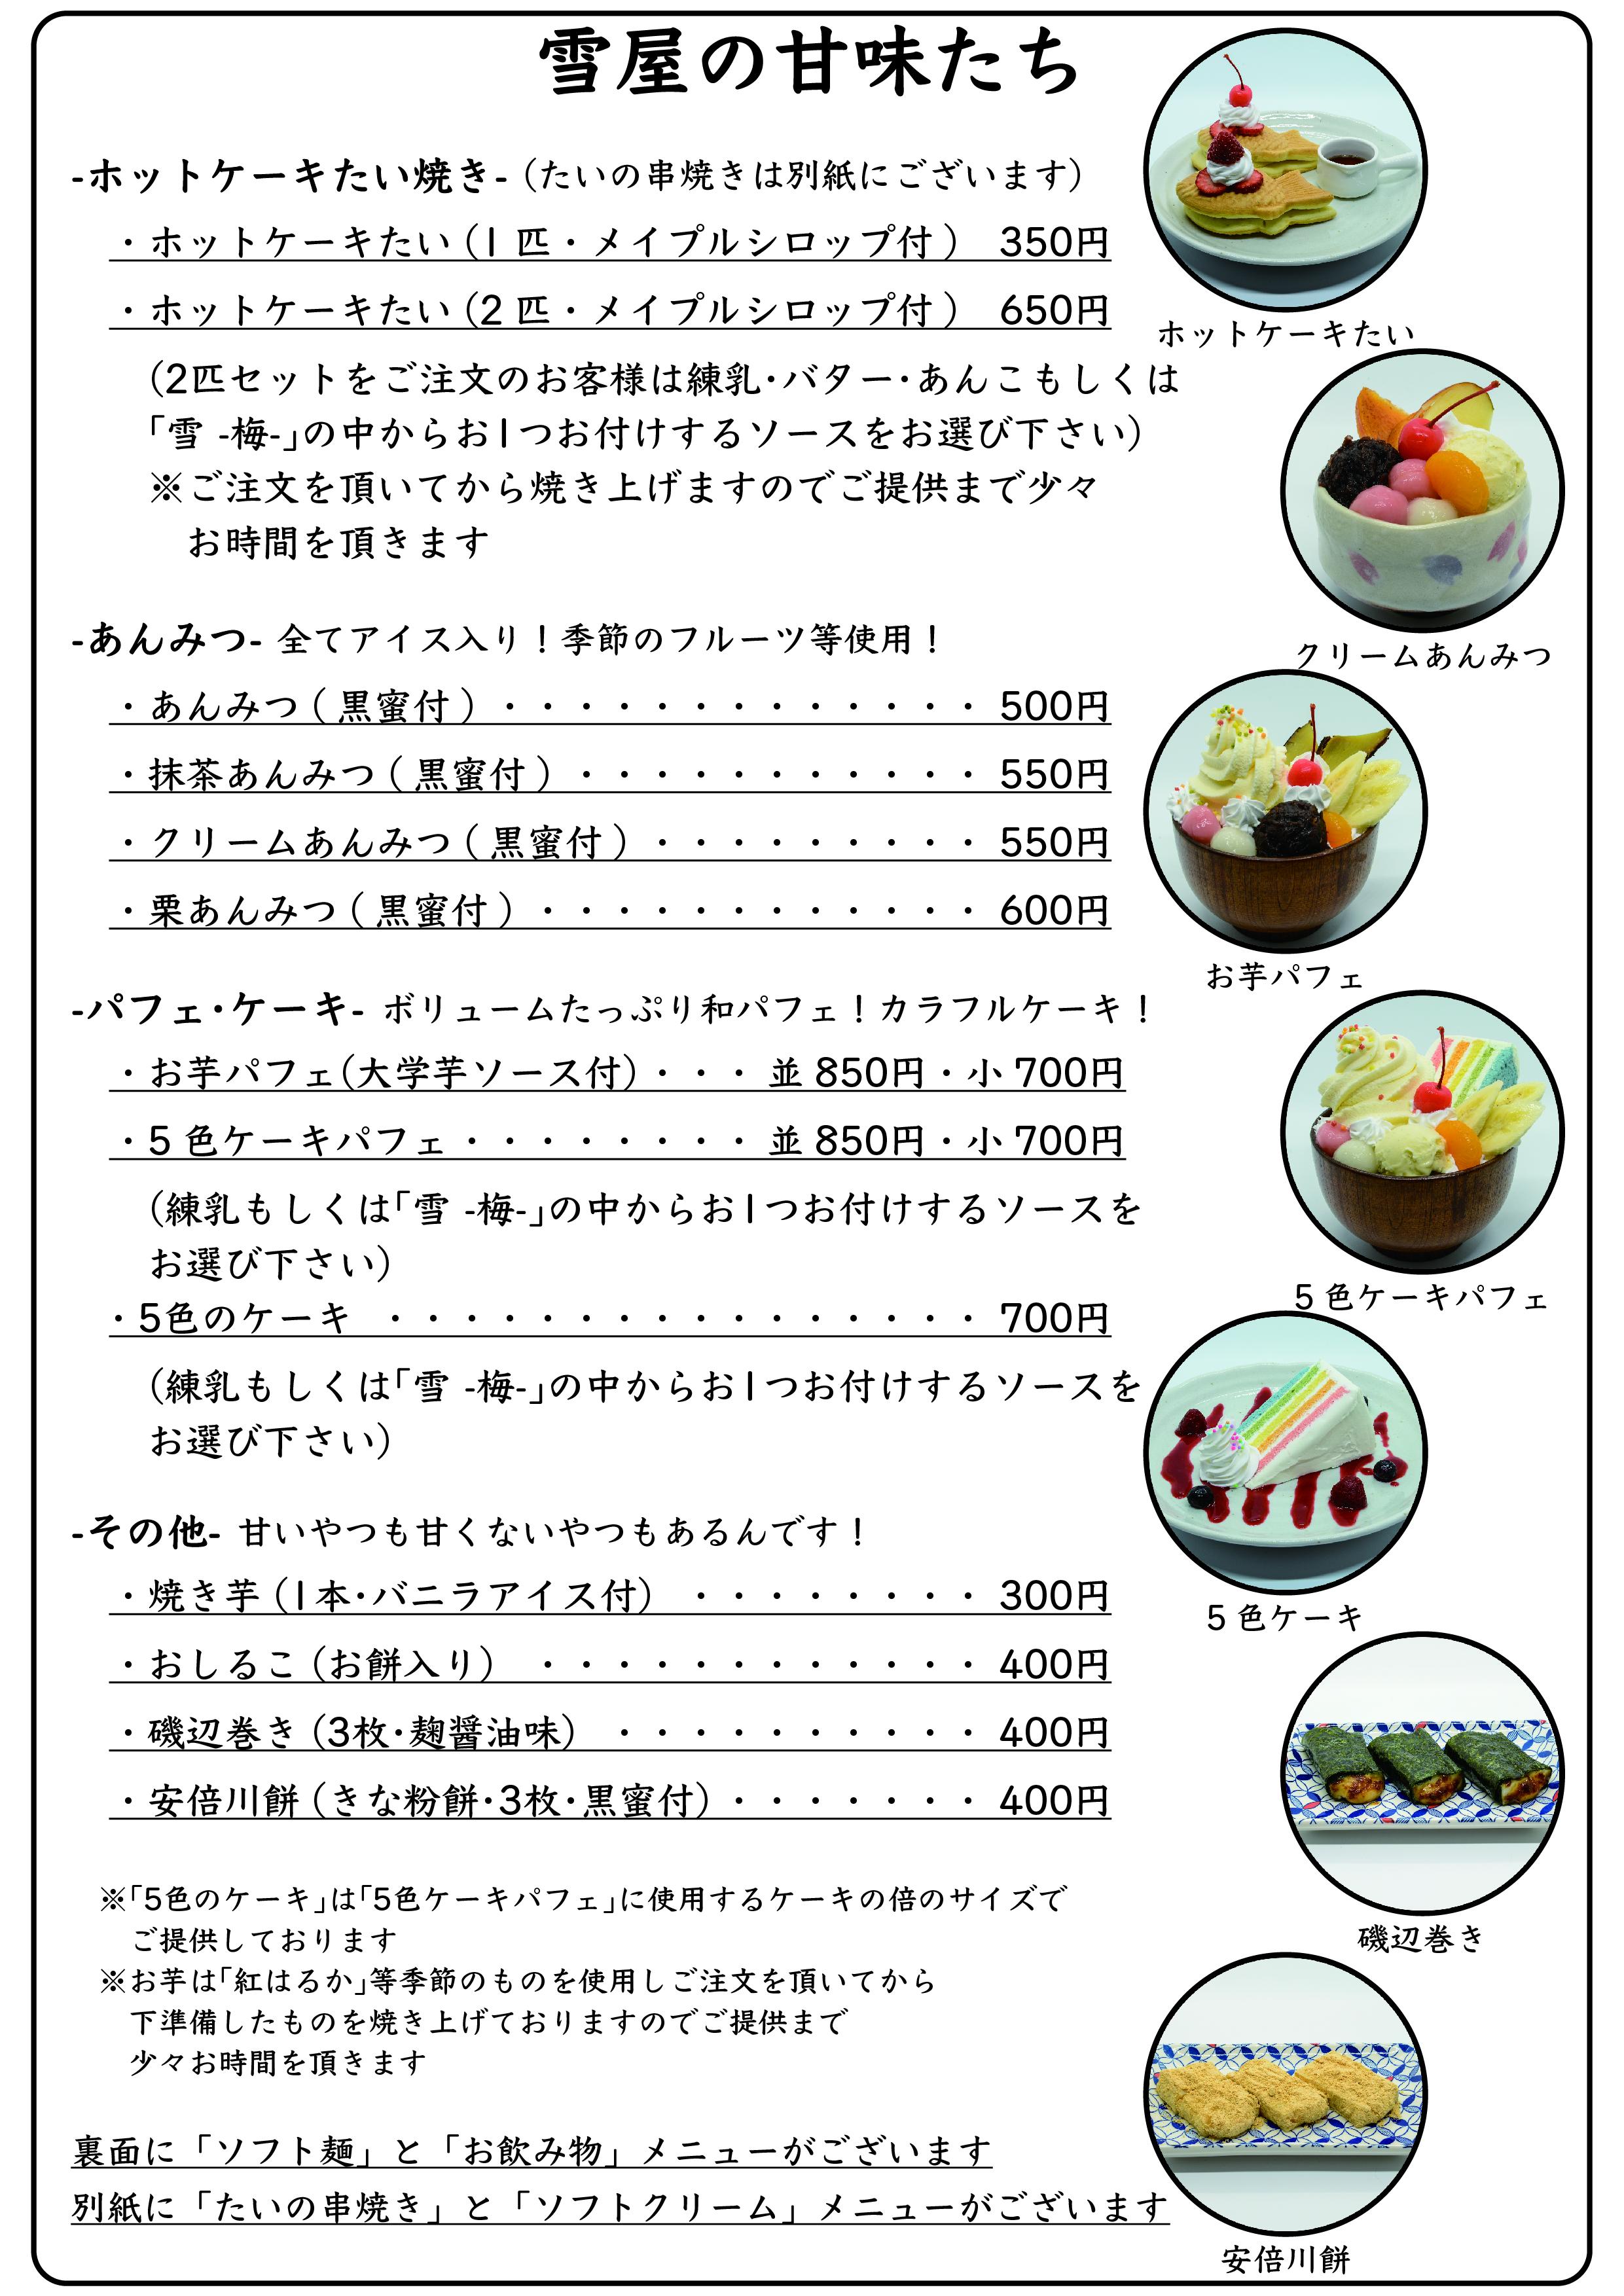 新メニューページ甘味.jpg